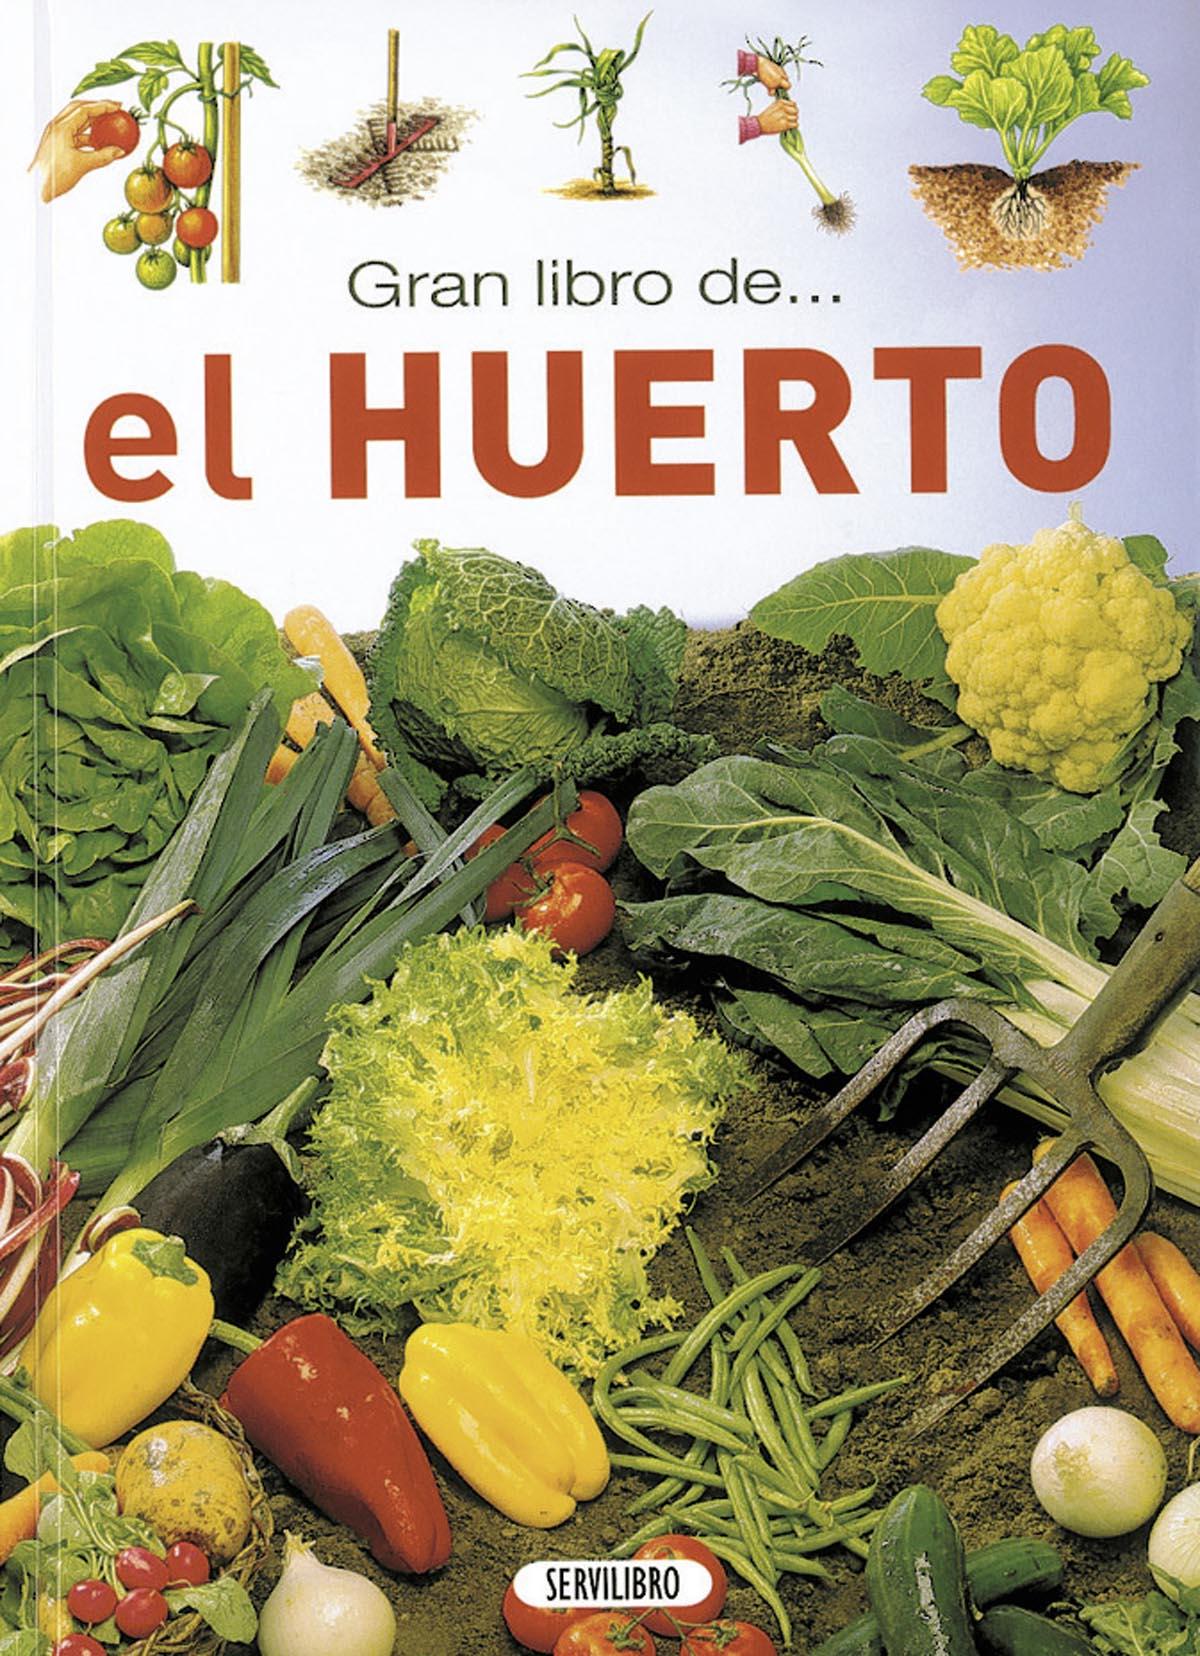 Jardiner a libros servilibro ediciones el huerto - Libros sobre jardineria ...